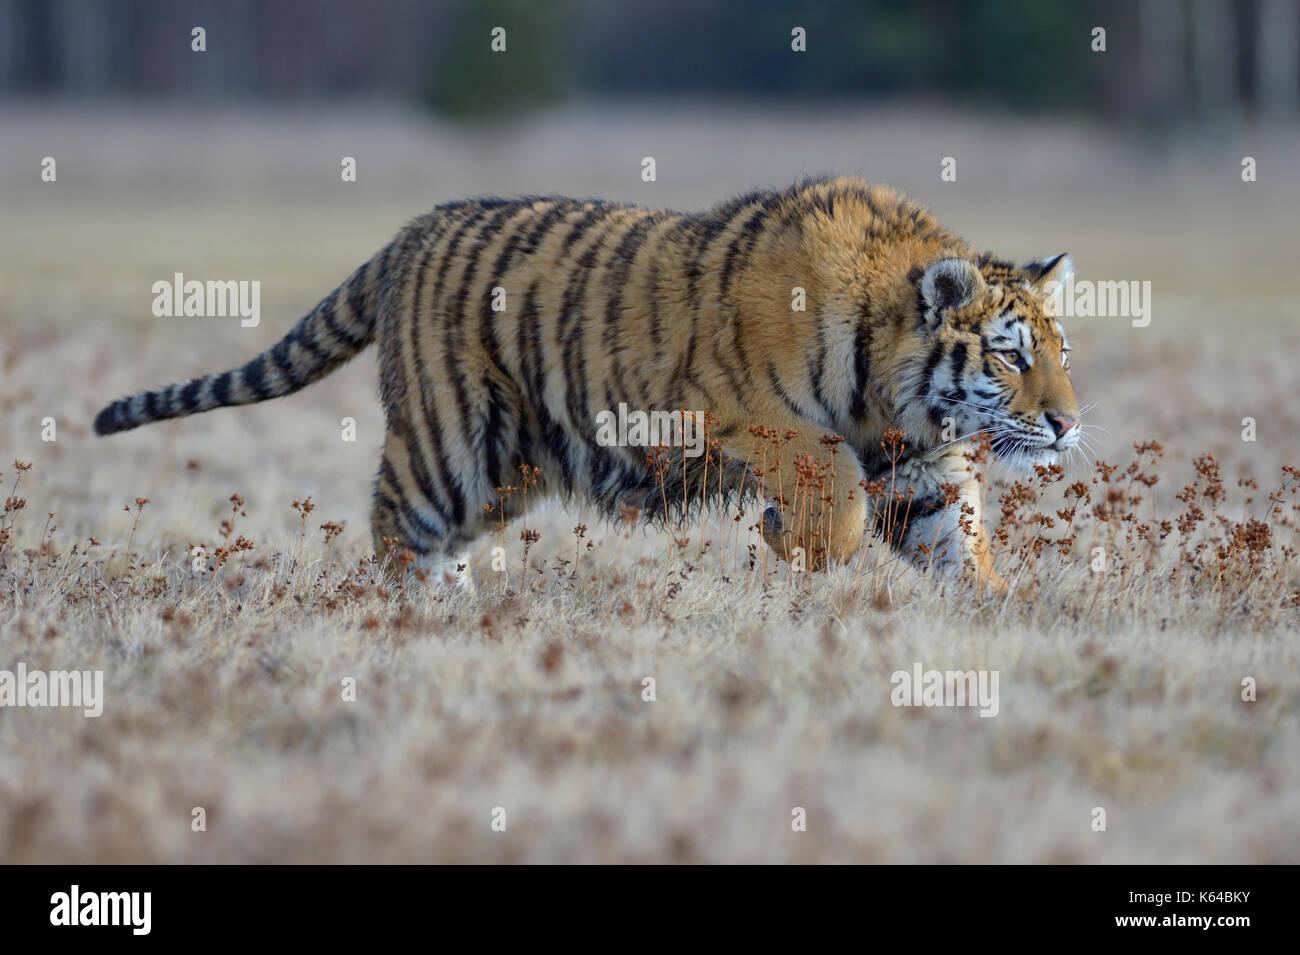 Tigre de Sibérie (Panthera tigris altaica), sauter dans un pré voisin, captive, Moravie, République tchèque Banque D'Images